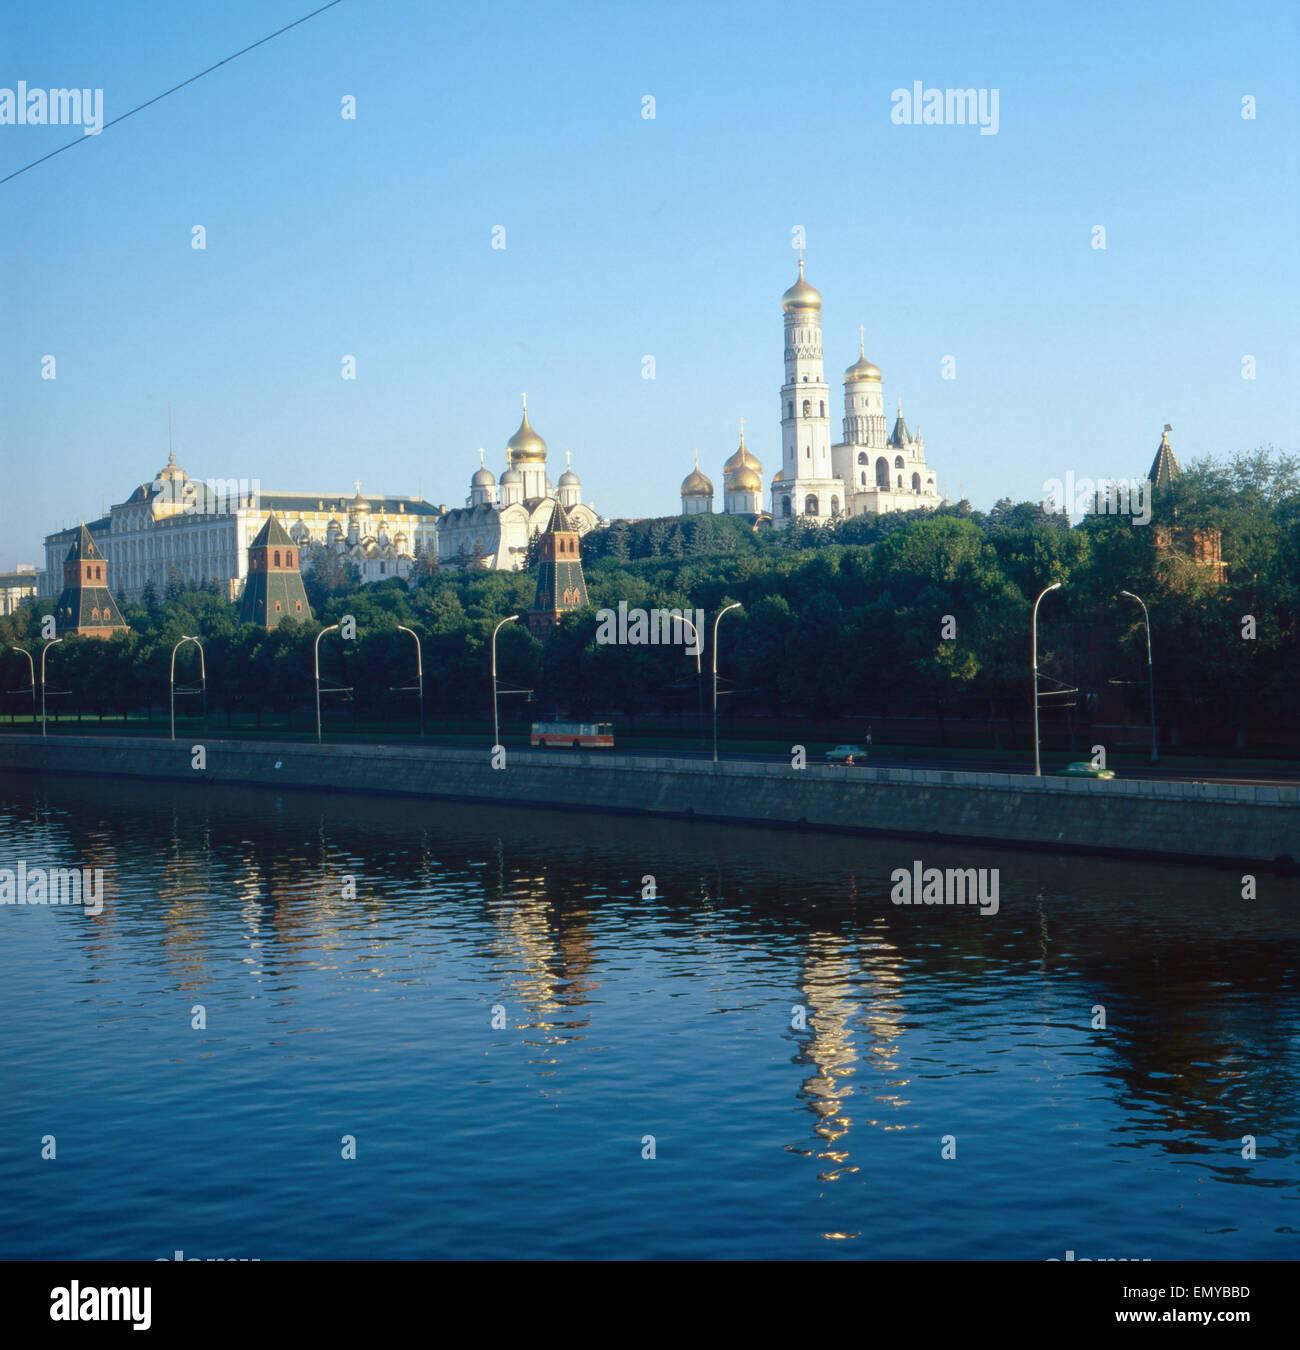 Eine Reise nach Moskau, Russland 1980er Jahre. Trip to Moscow, Russia 1980s. Stock Photo